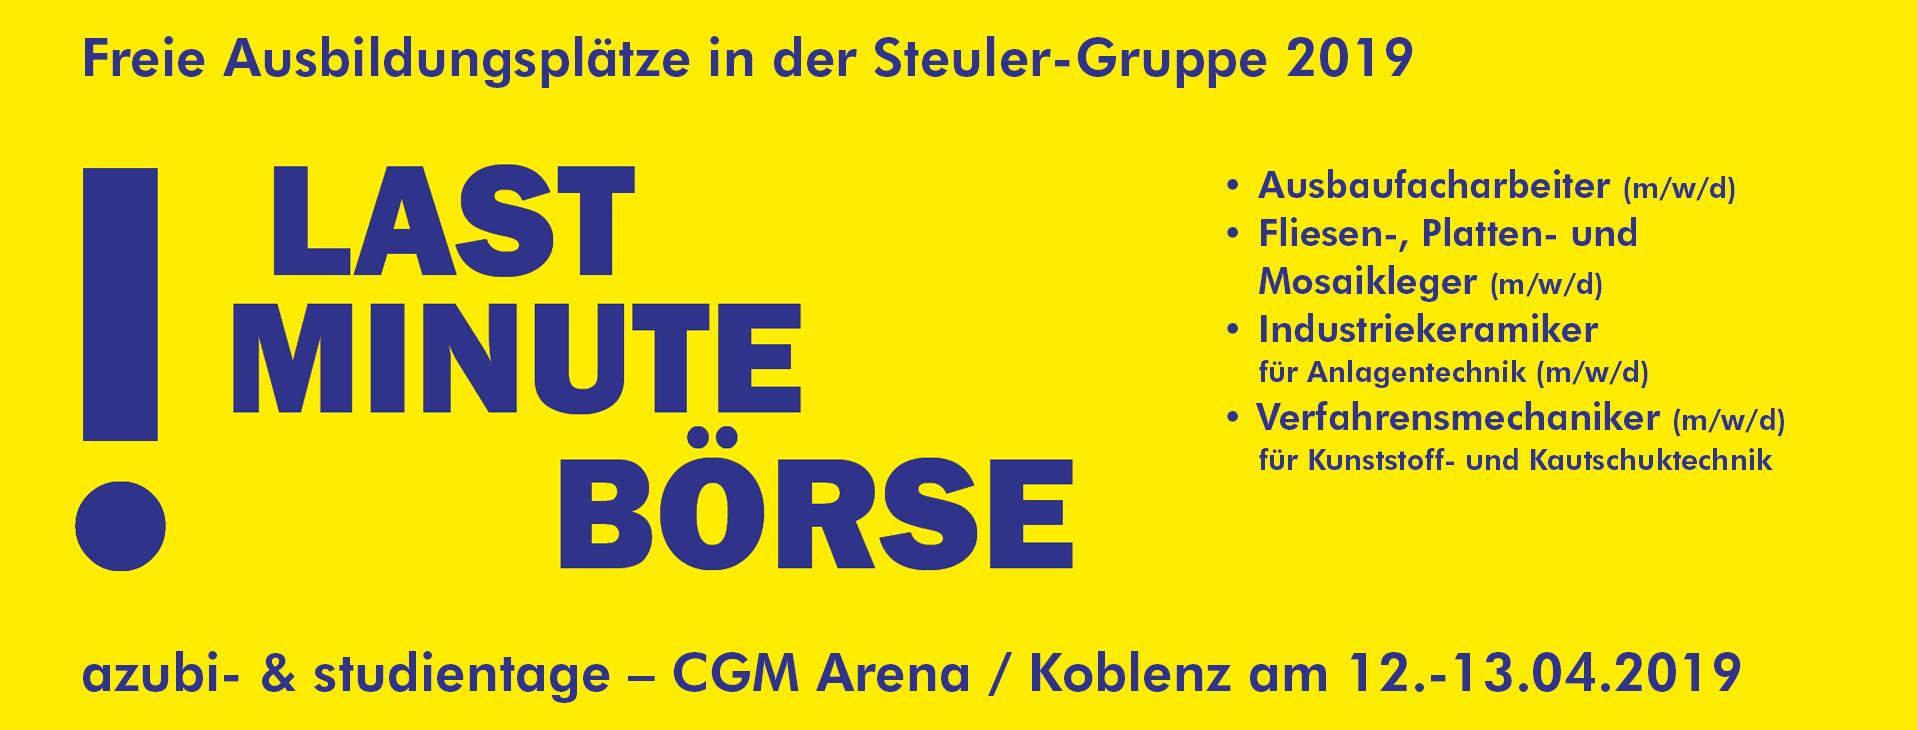 Jetzt noch bewerben, die Steuler-Gruppe hat für das Ausbildungsjahr 2019 noch Ausbildungsplätze im Raum Westerwald zu vergeben.